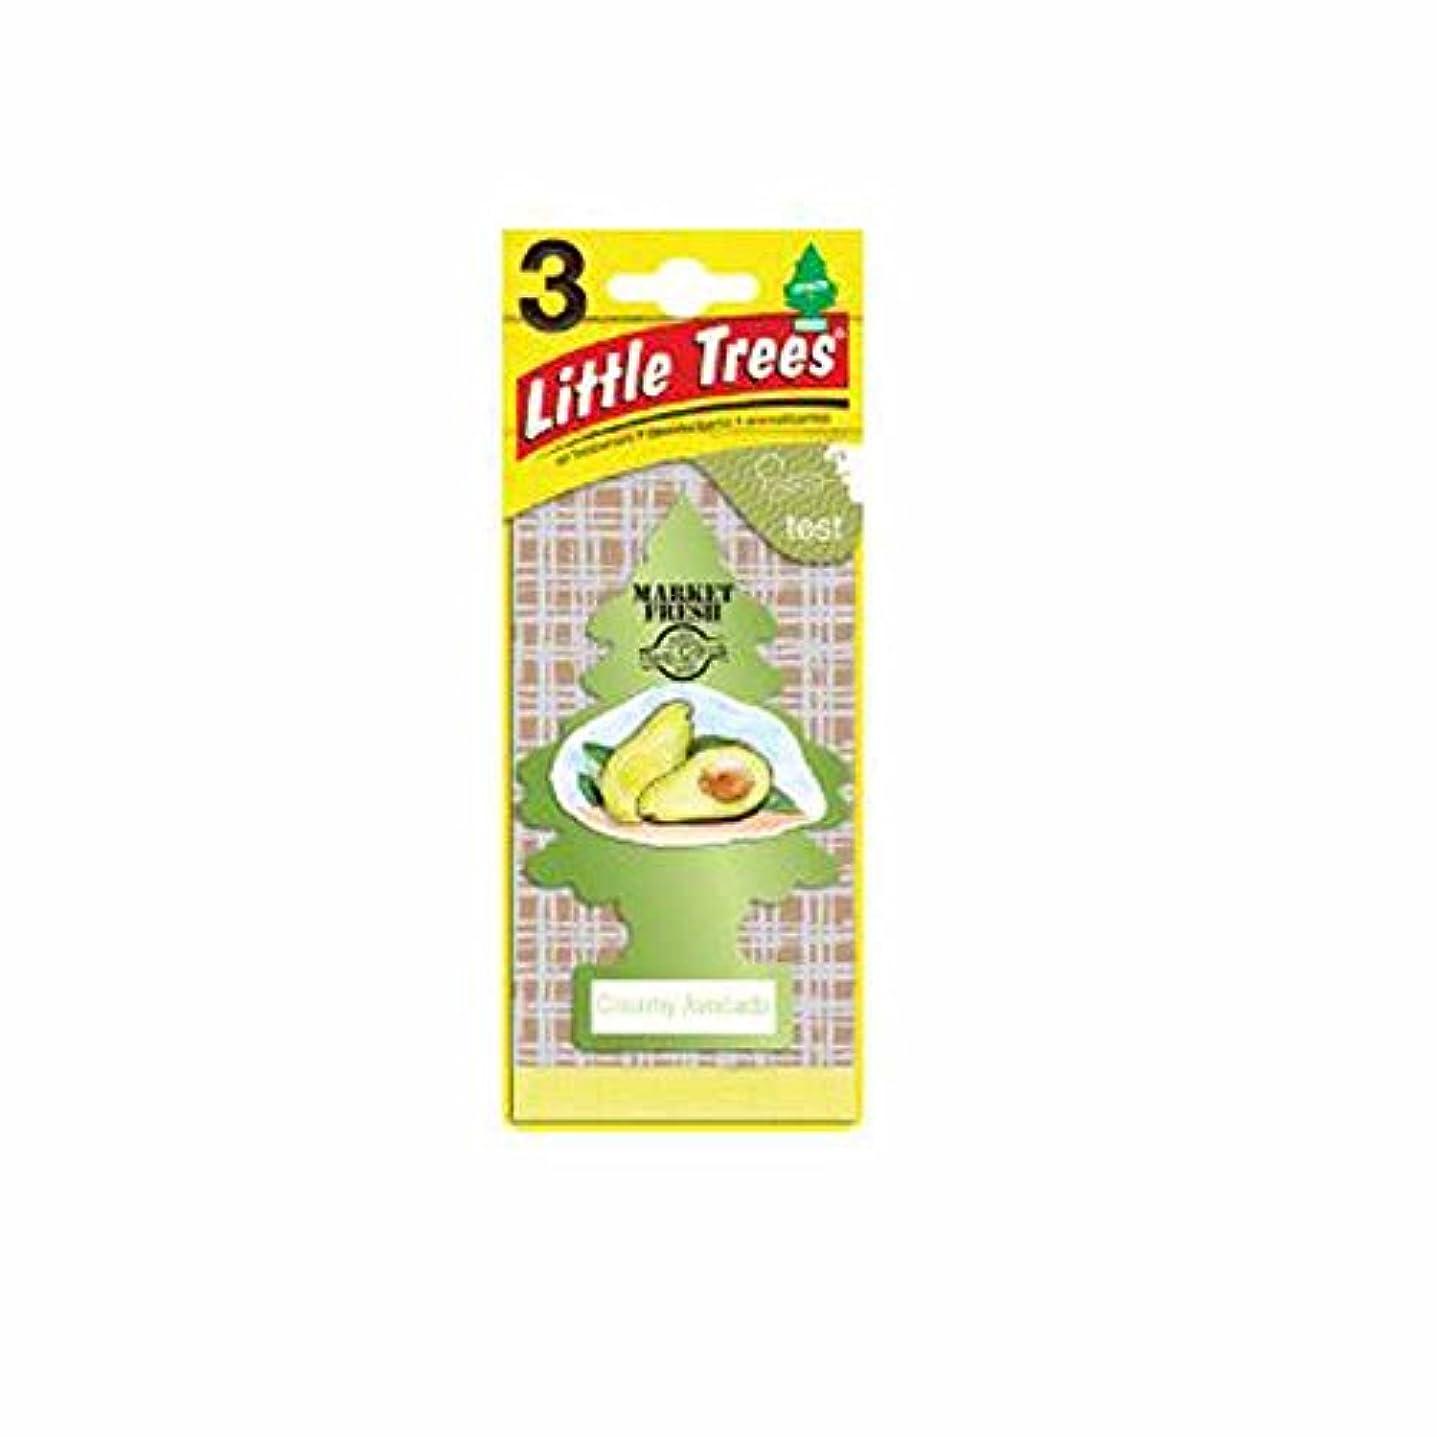 カテナ抑止する十億Little Trees 吊下げタイプ エアーフレッシュナー creamy avocado(クリーミーアボカド) 3枚セット(3P) U3S-37340